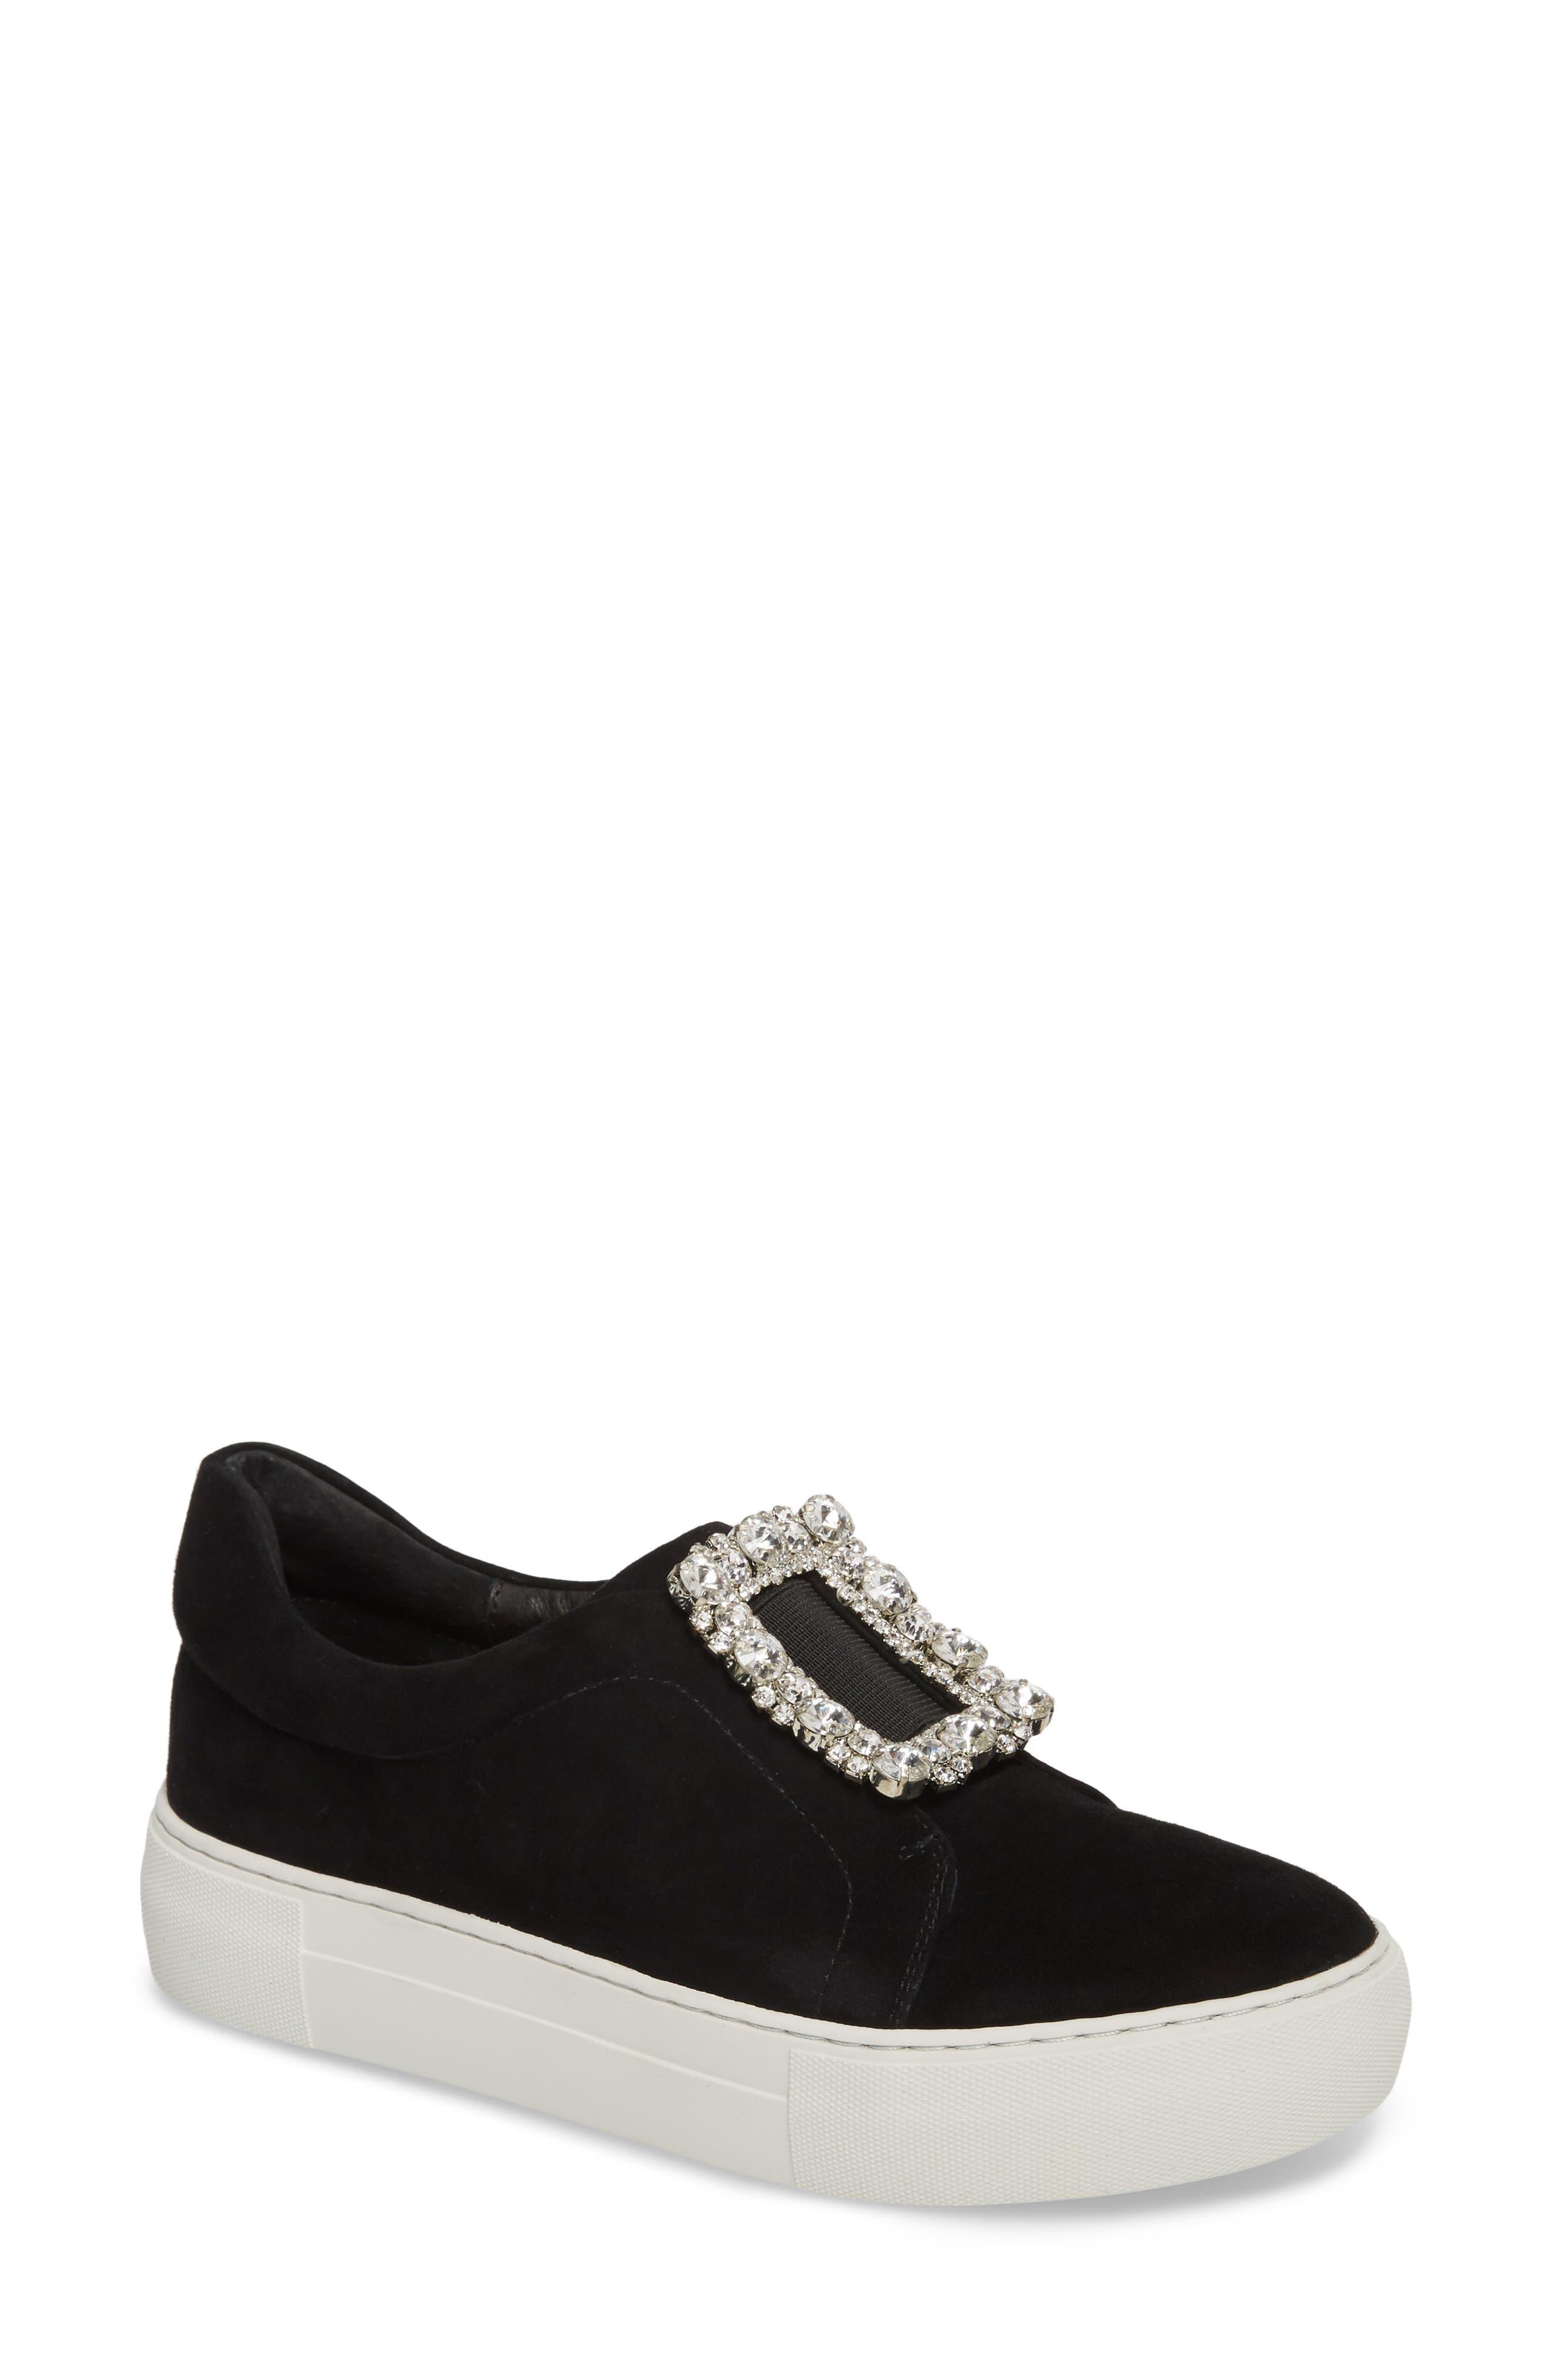 Main Image - JSlides Abode Embellished Buckle Platform Sneaker (Women)